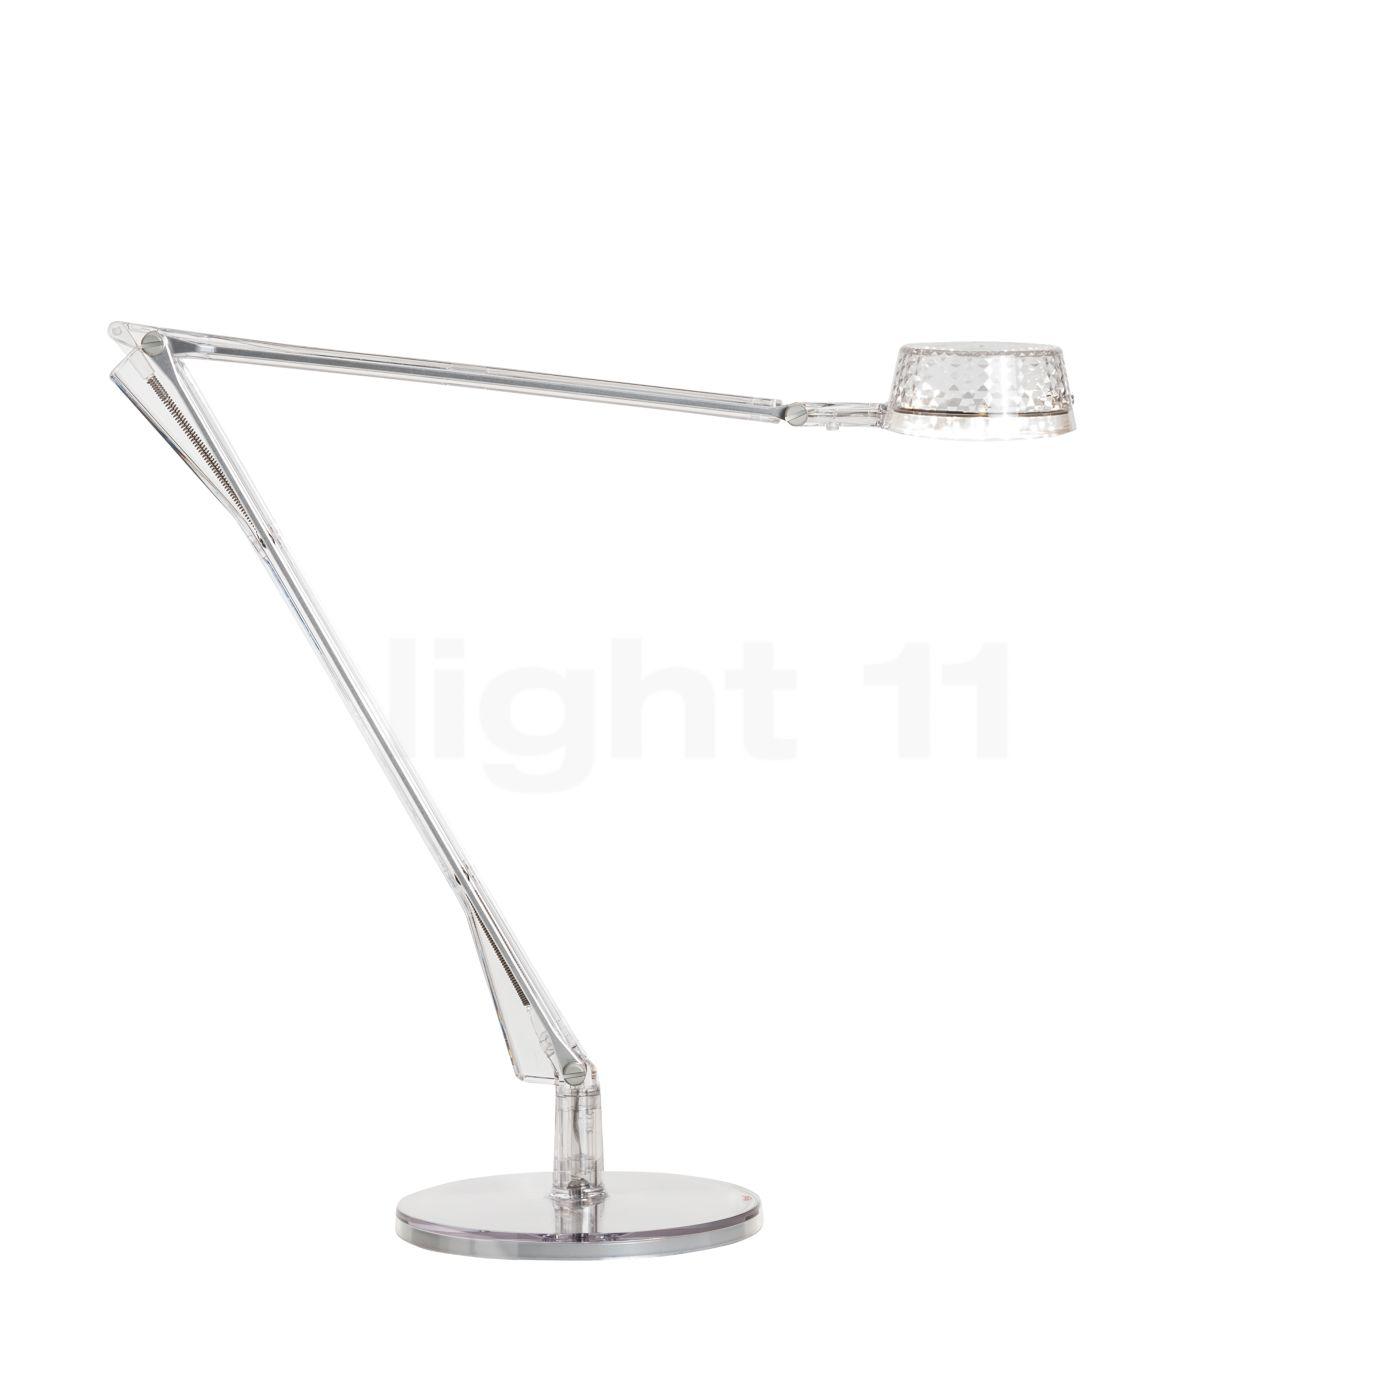 Kartell Aledin Dec Tischleuchte LED, Kristallklar 09195B4